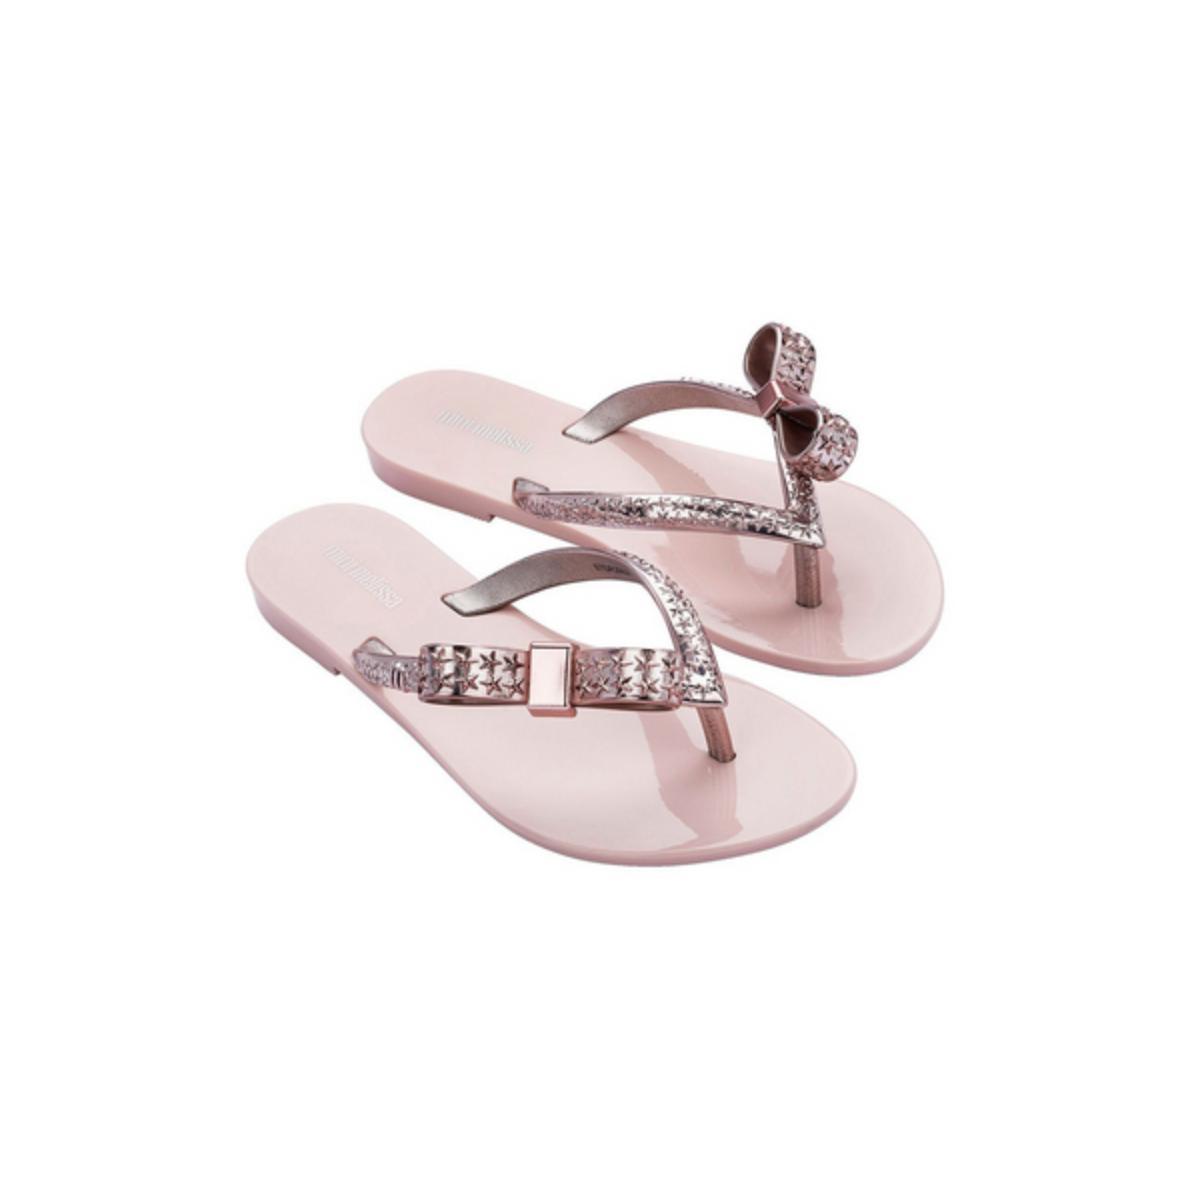 Sandália Fem Infantil Melissa 33255 52902  Harmonic Chrome Rosa/rosa Metalizado